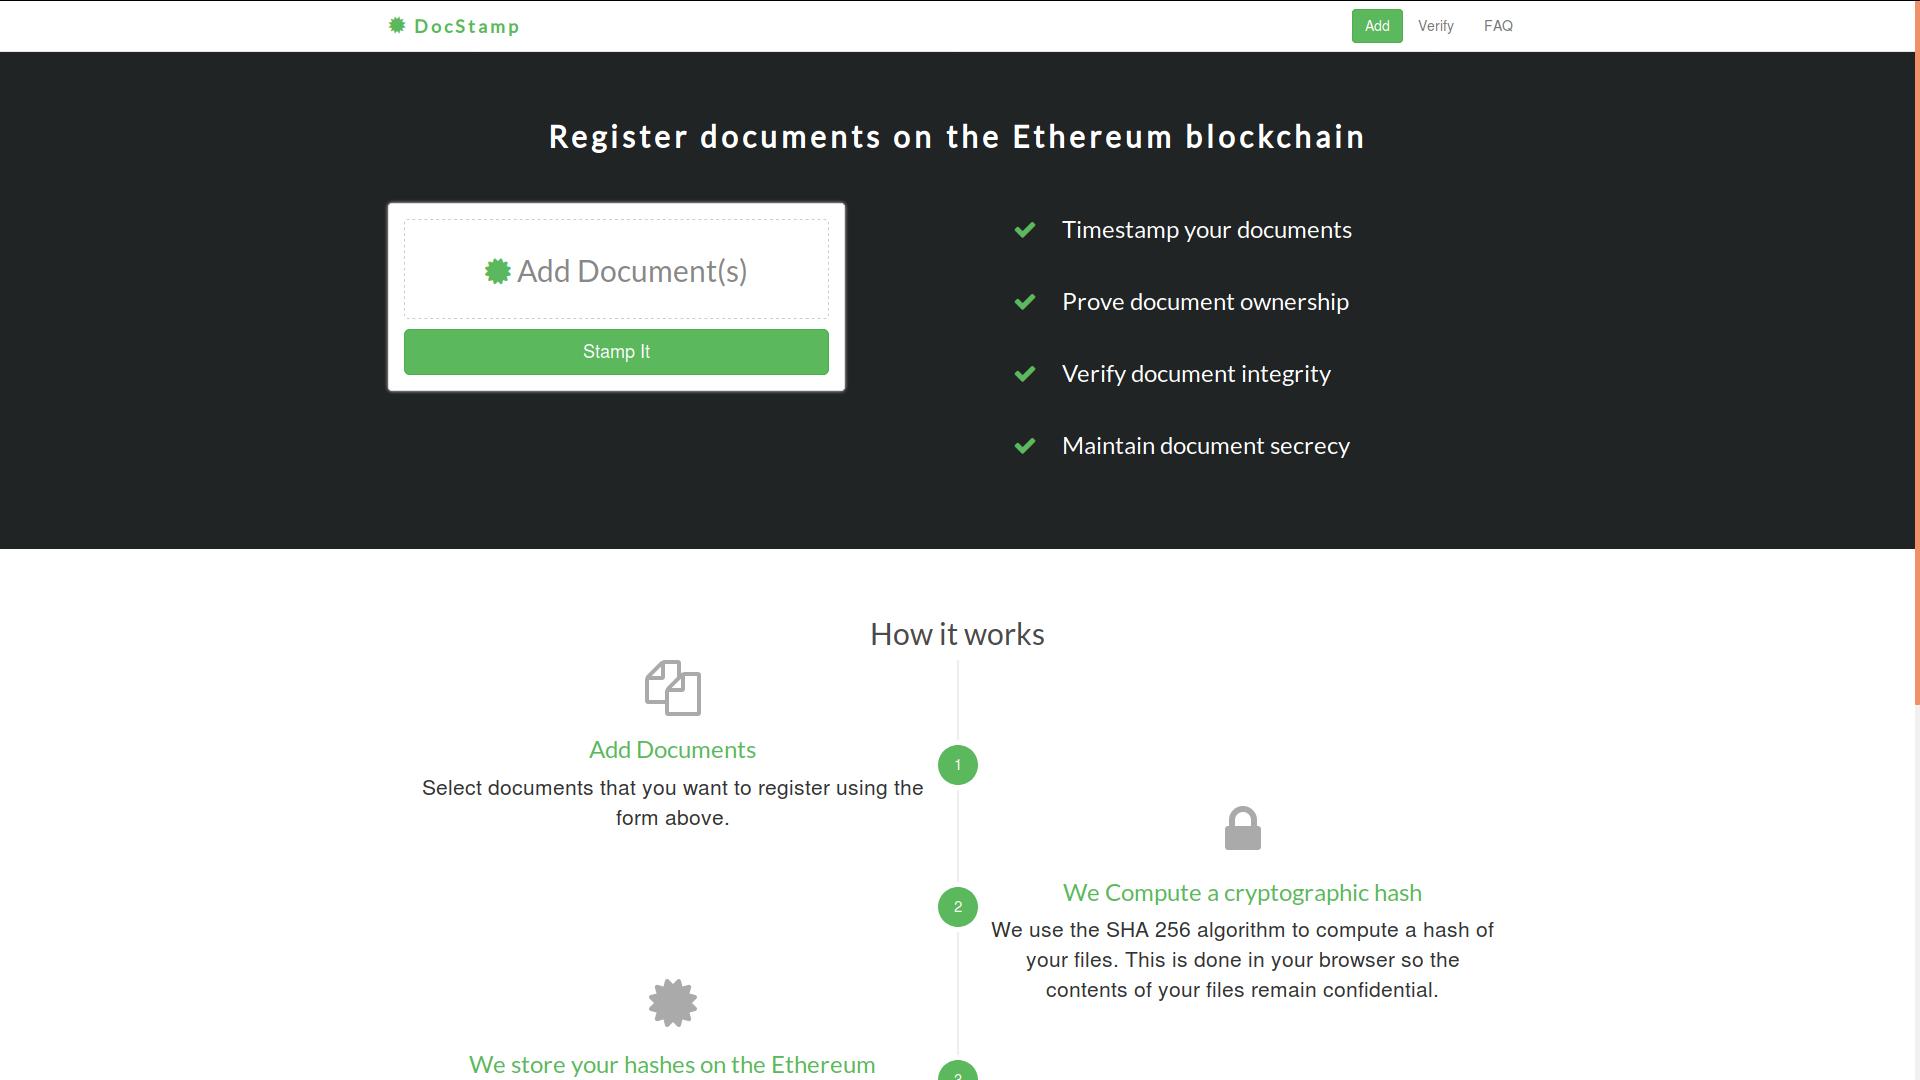 Certifiez la détention et la date d'un document grâce à l'Ethereum